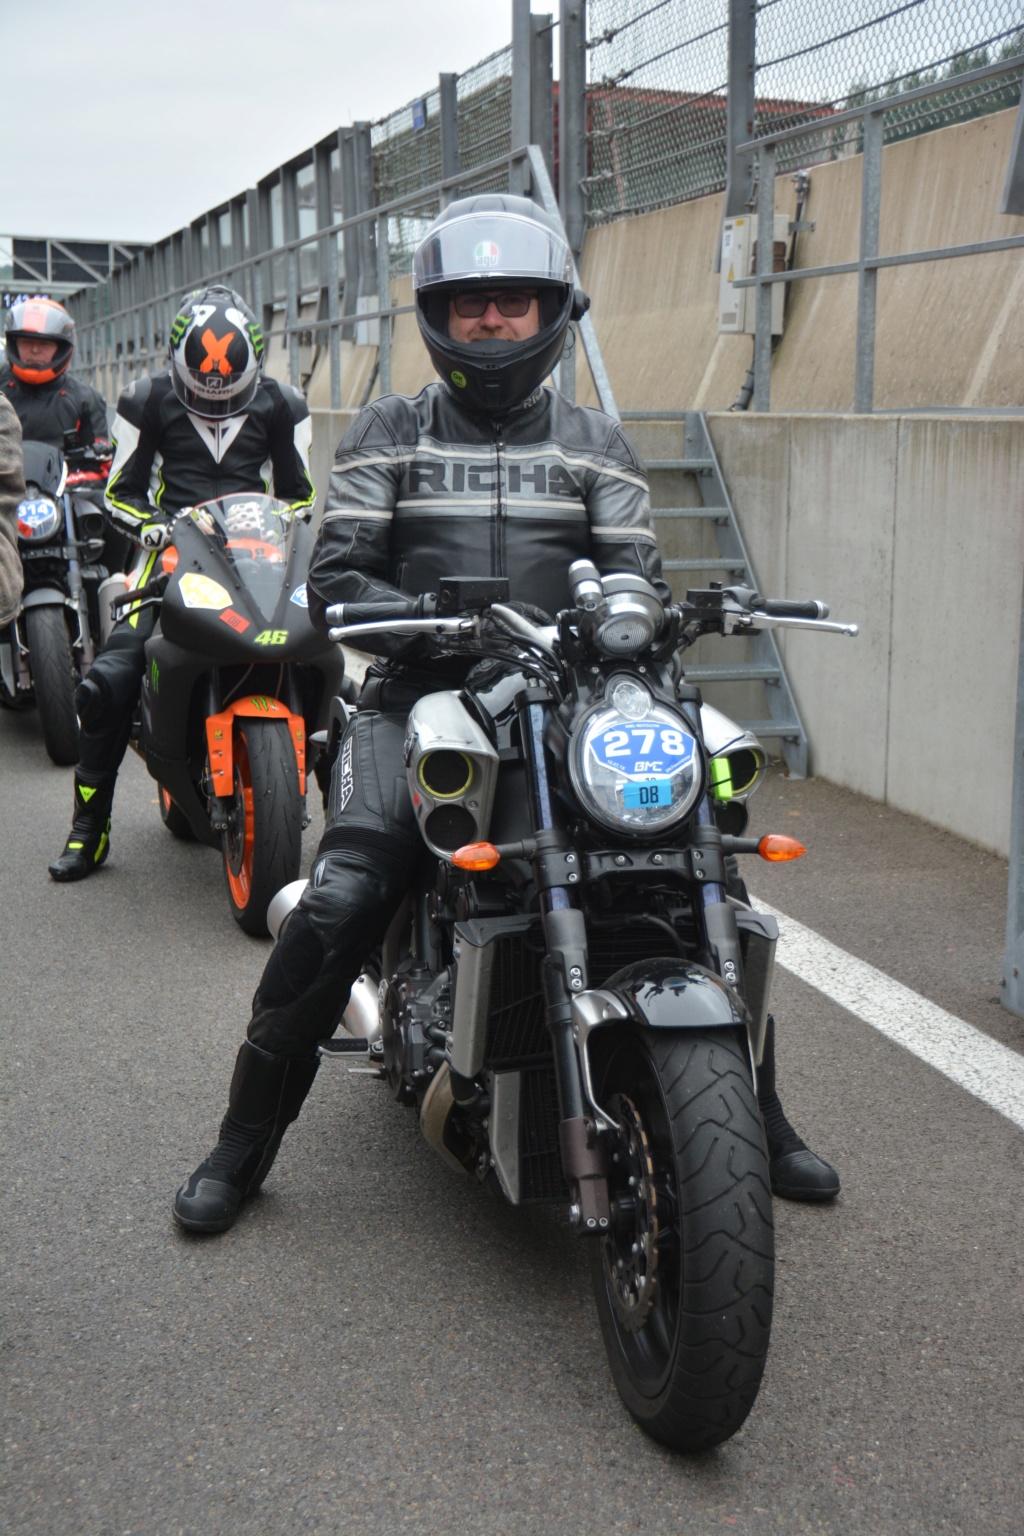 Une journée de roulage à SPA FRANCORCHAMPS  Dsc_0836